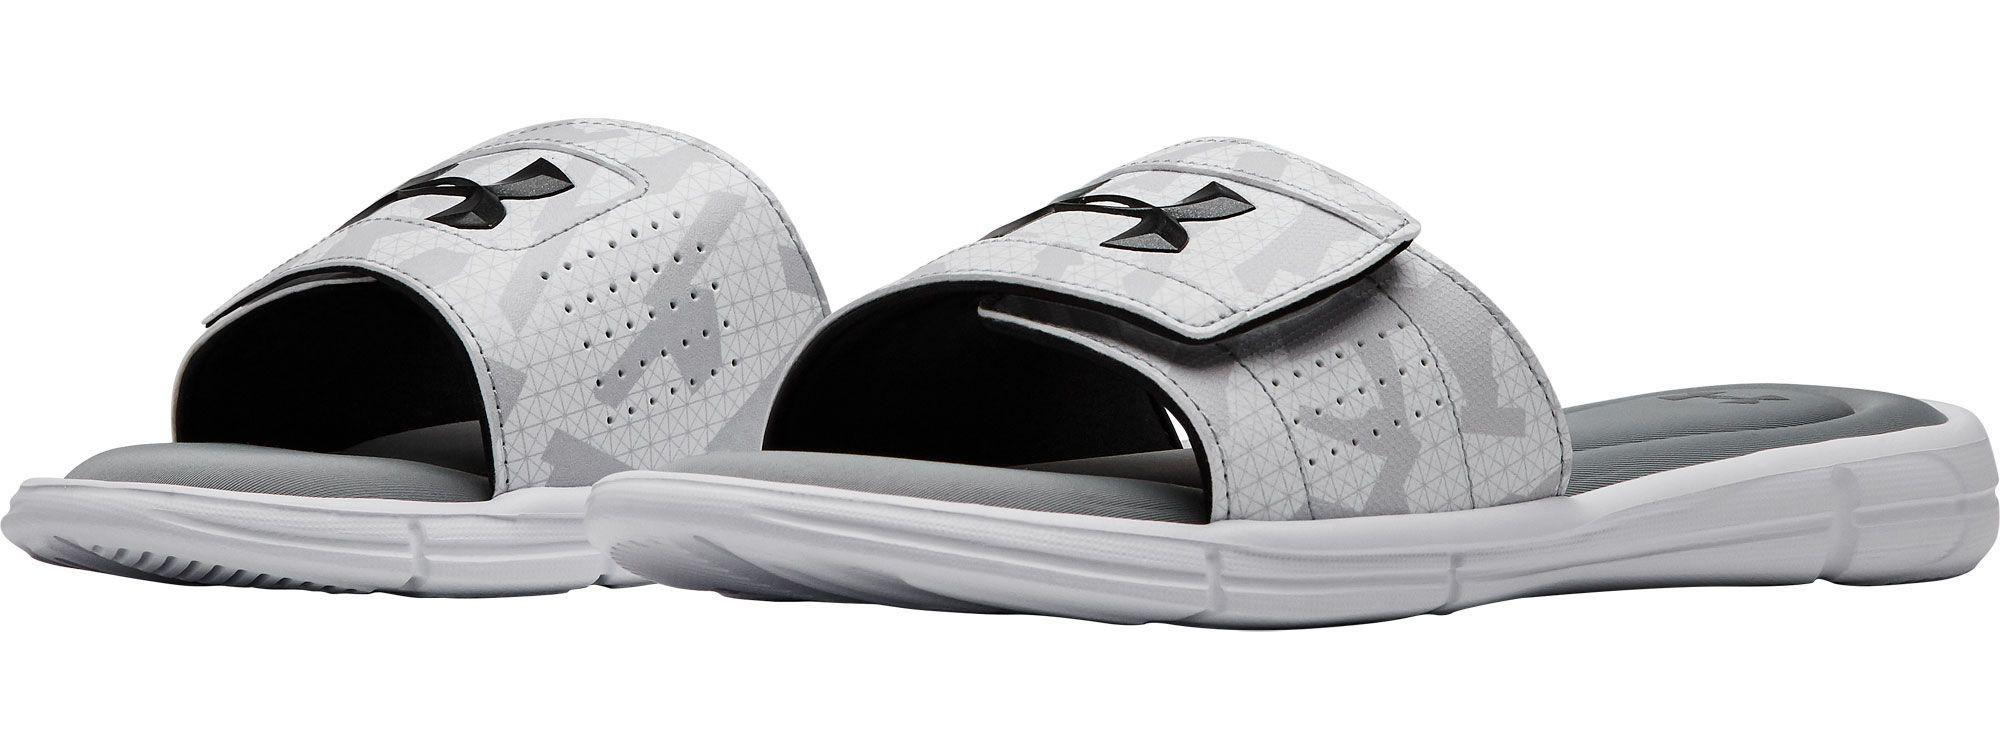 Flip flop shoes, Flip flop sandals